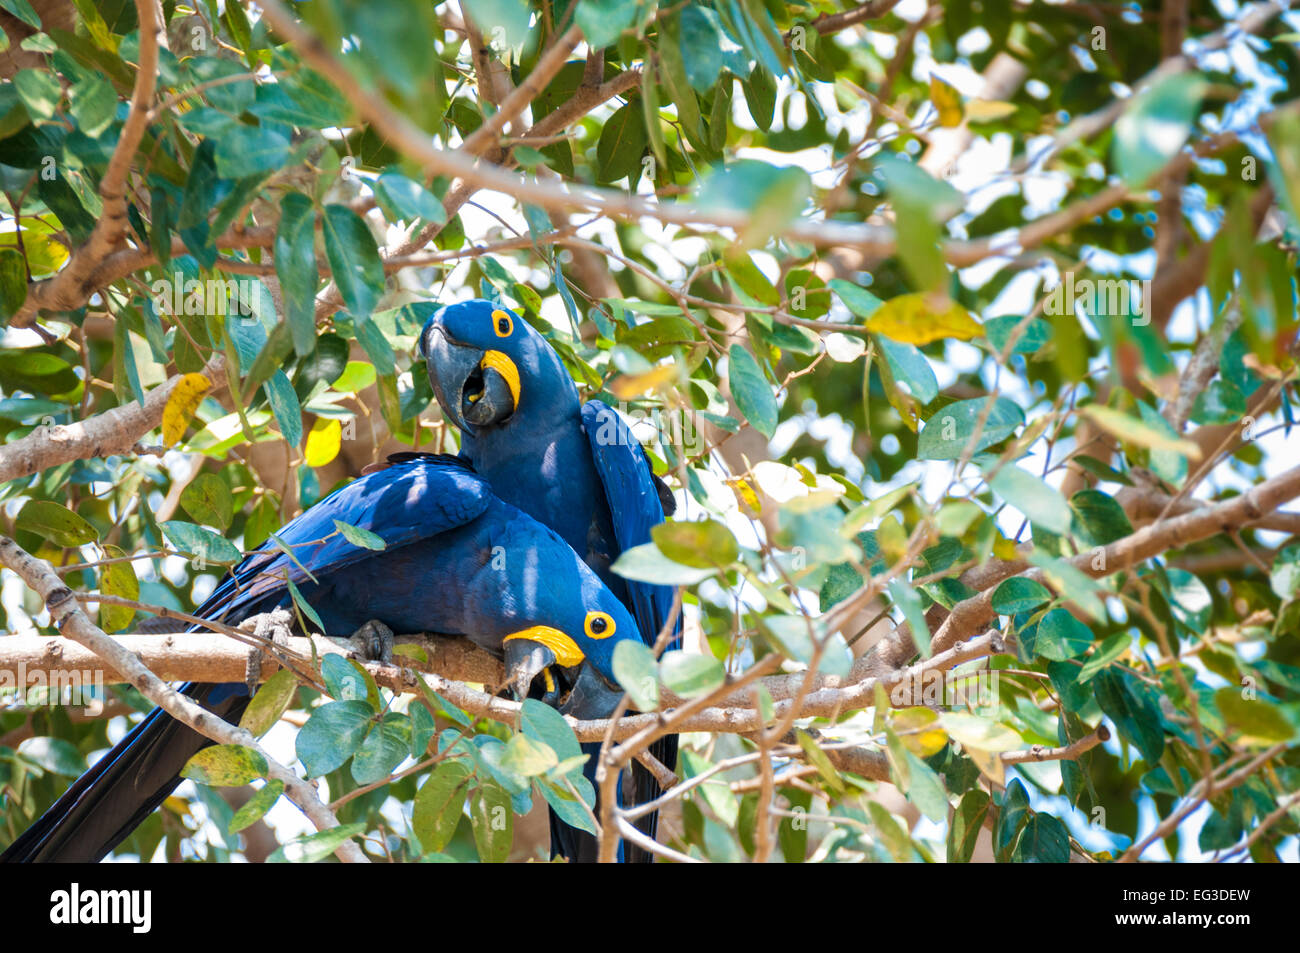 Ein paar Hyazinth Aras, Anodorhynchus Hyacinthinus, thront auf einem Baum, Pantanal, Mato Grosso, Brasilien, Südamerika Stockbild